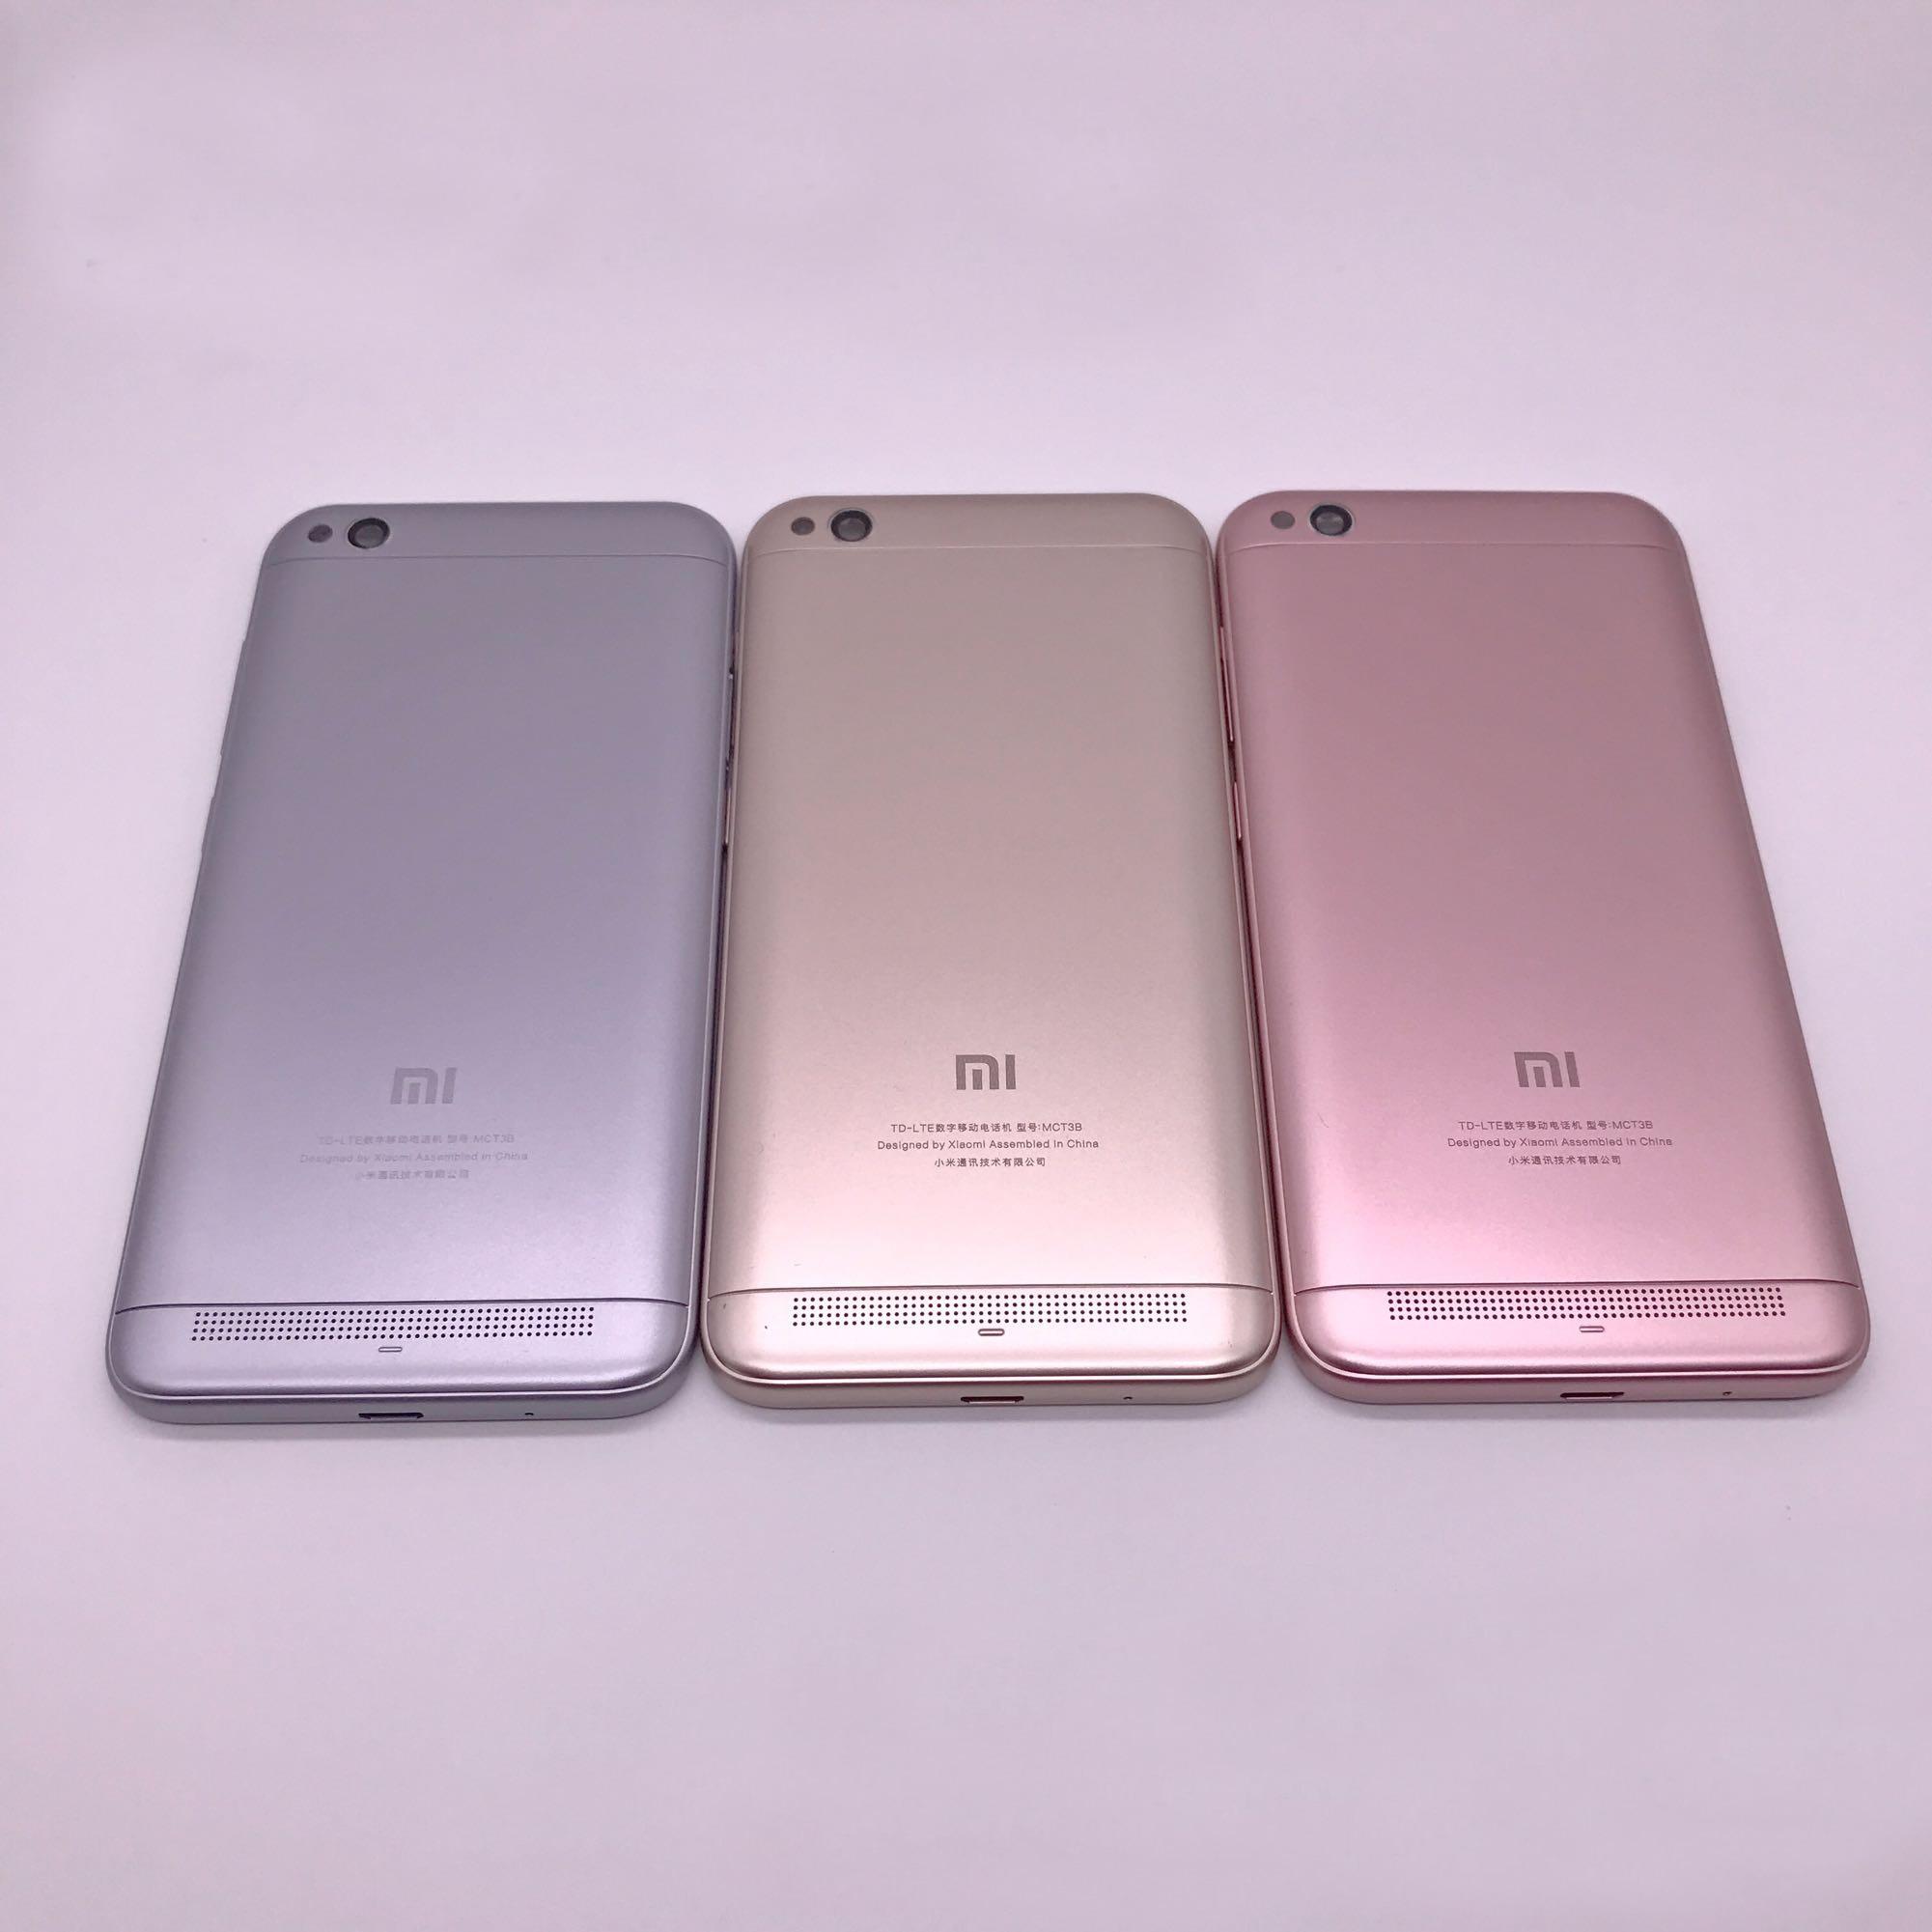 Оригинал для Xiaomi Redmi 5A задняя крышка корпуса батареи Redmi 5A задняя крышка + стекло для камеры + боковые кнопки запасные части